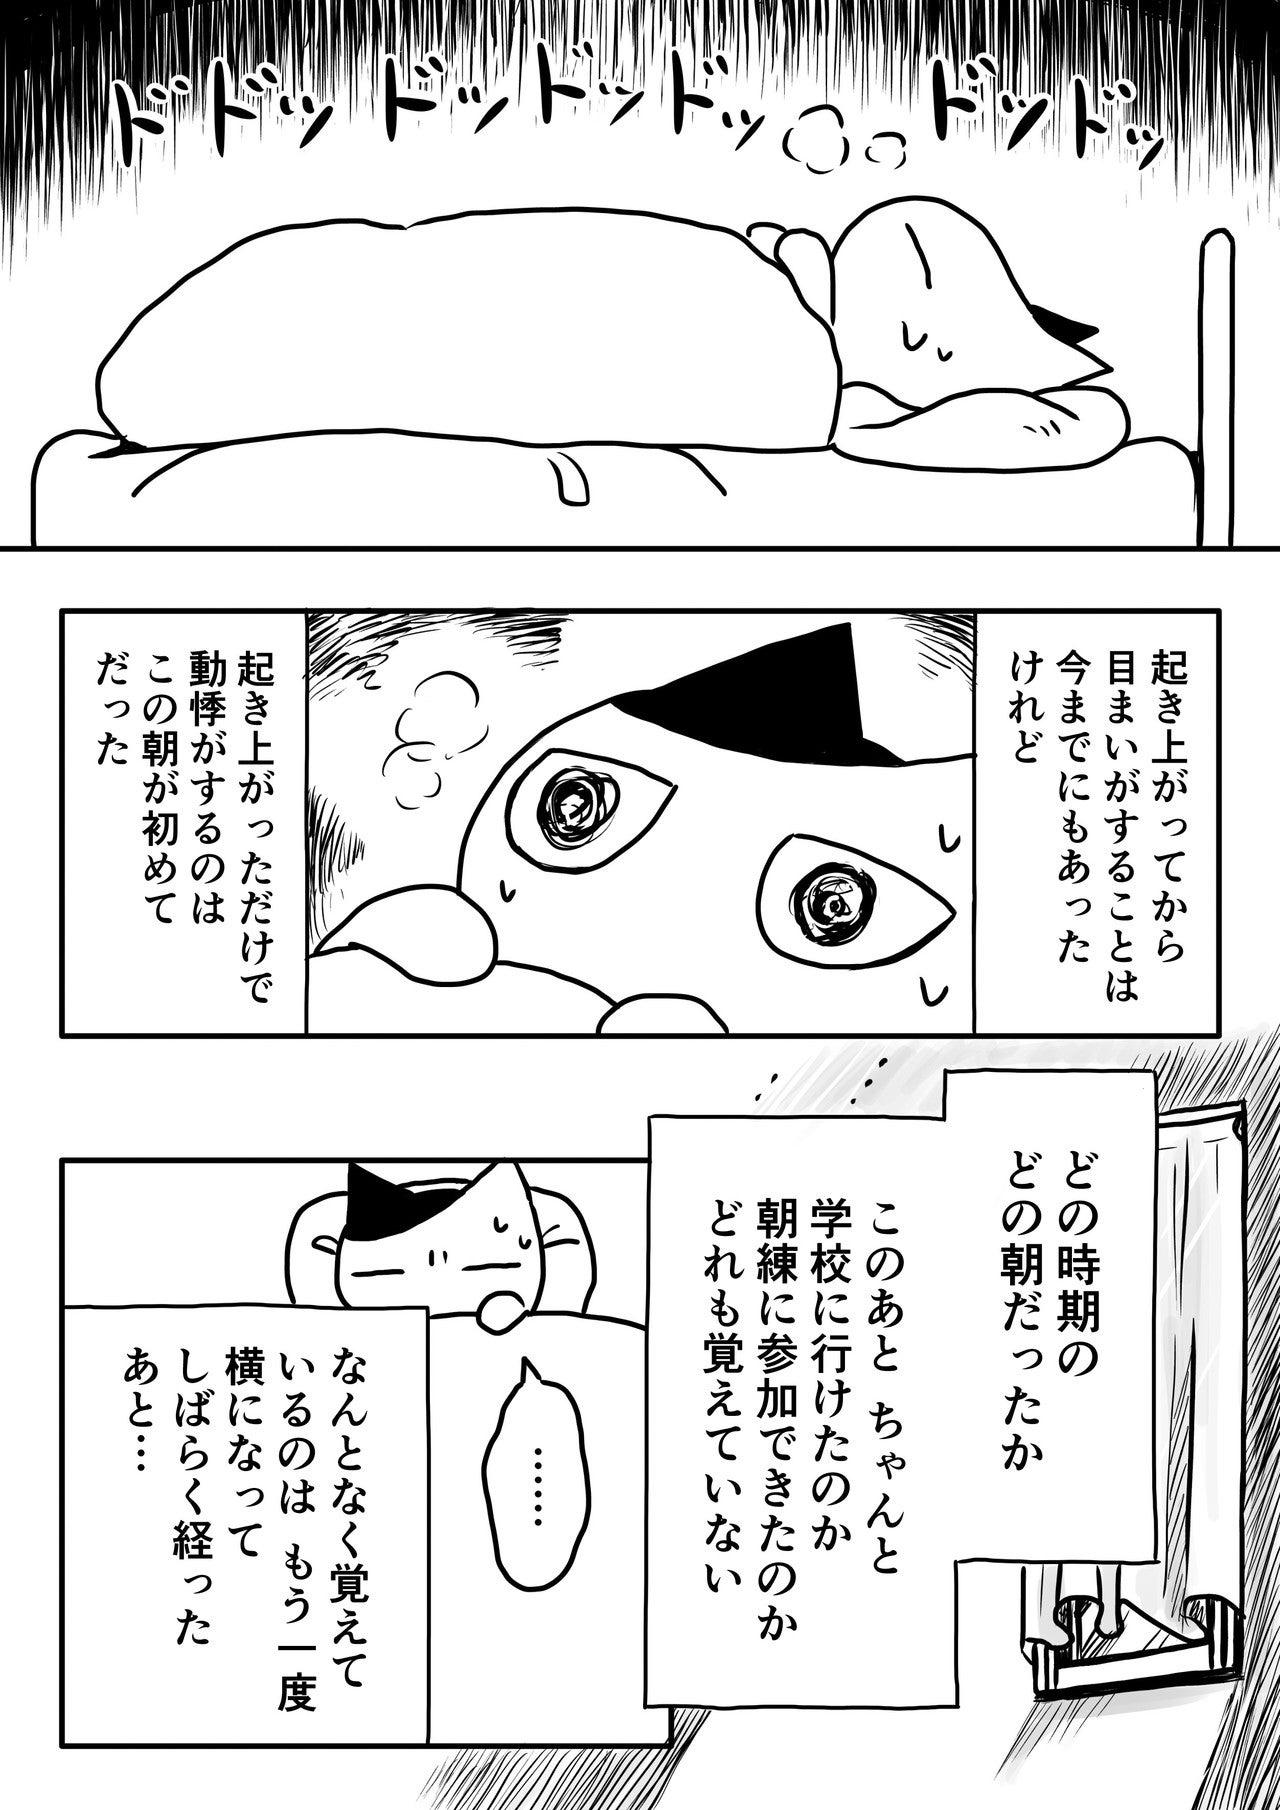 病気エッセイ_第8話1